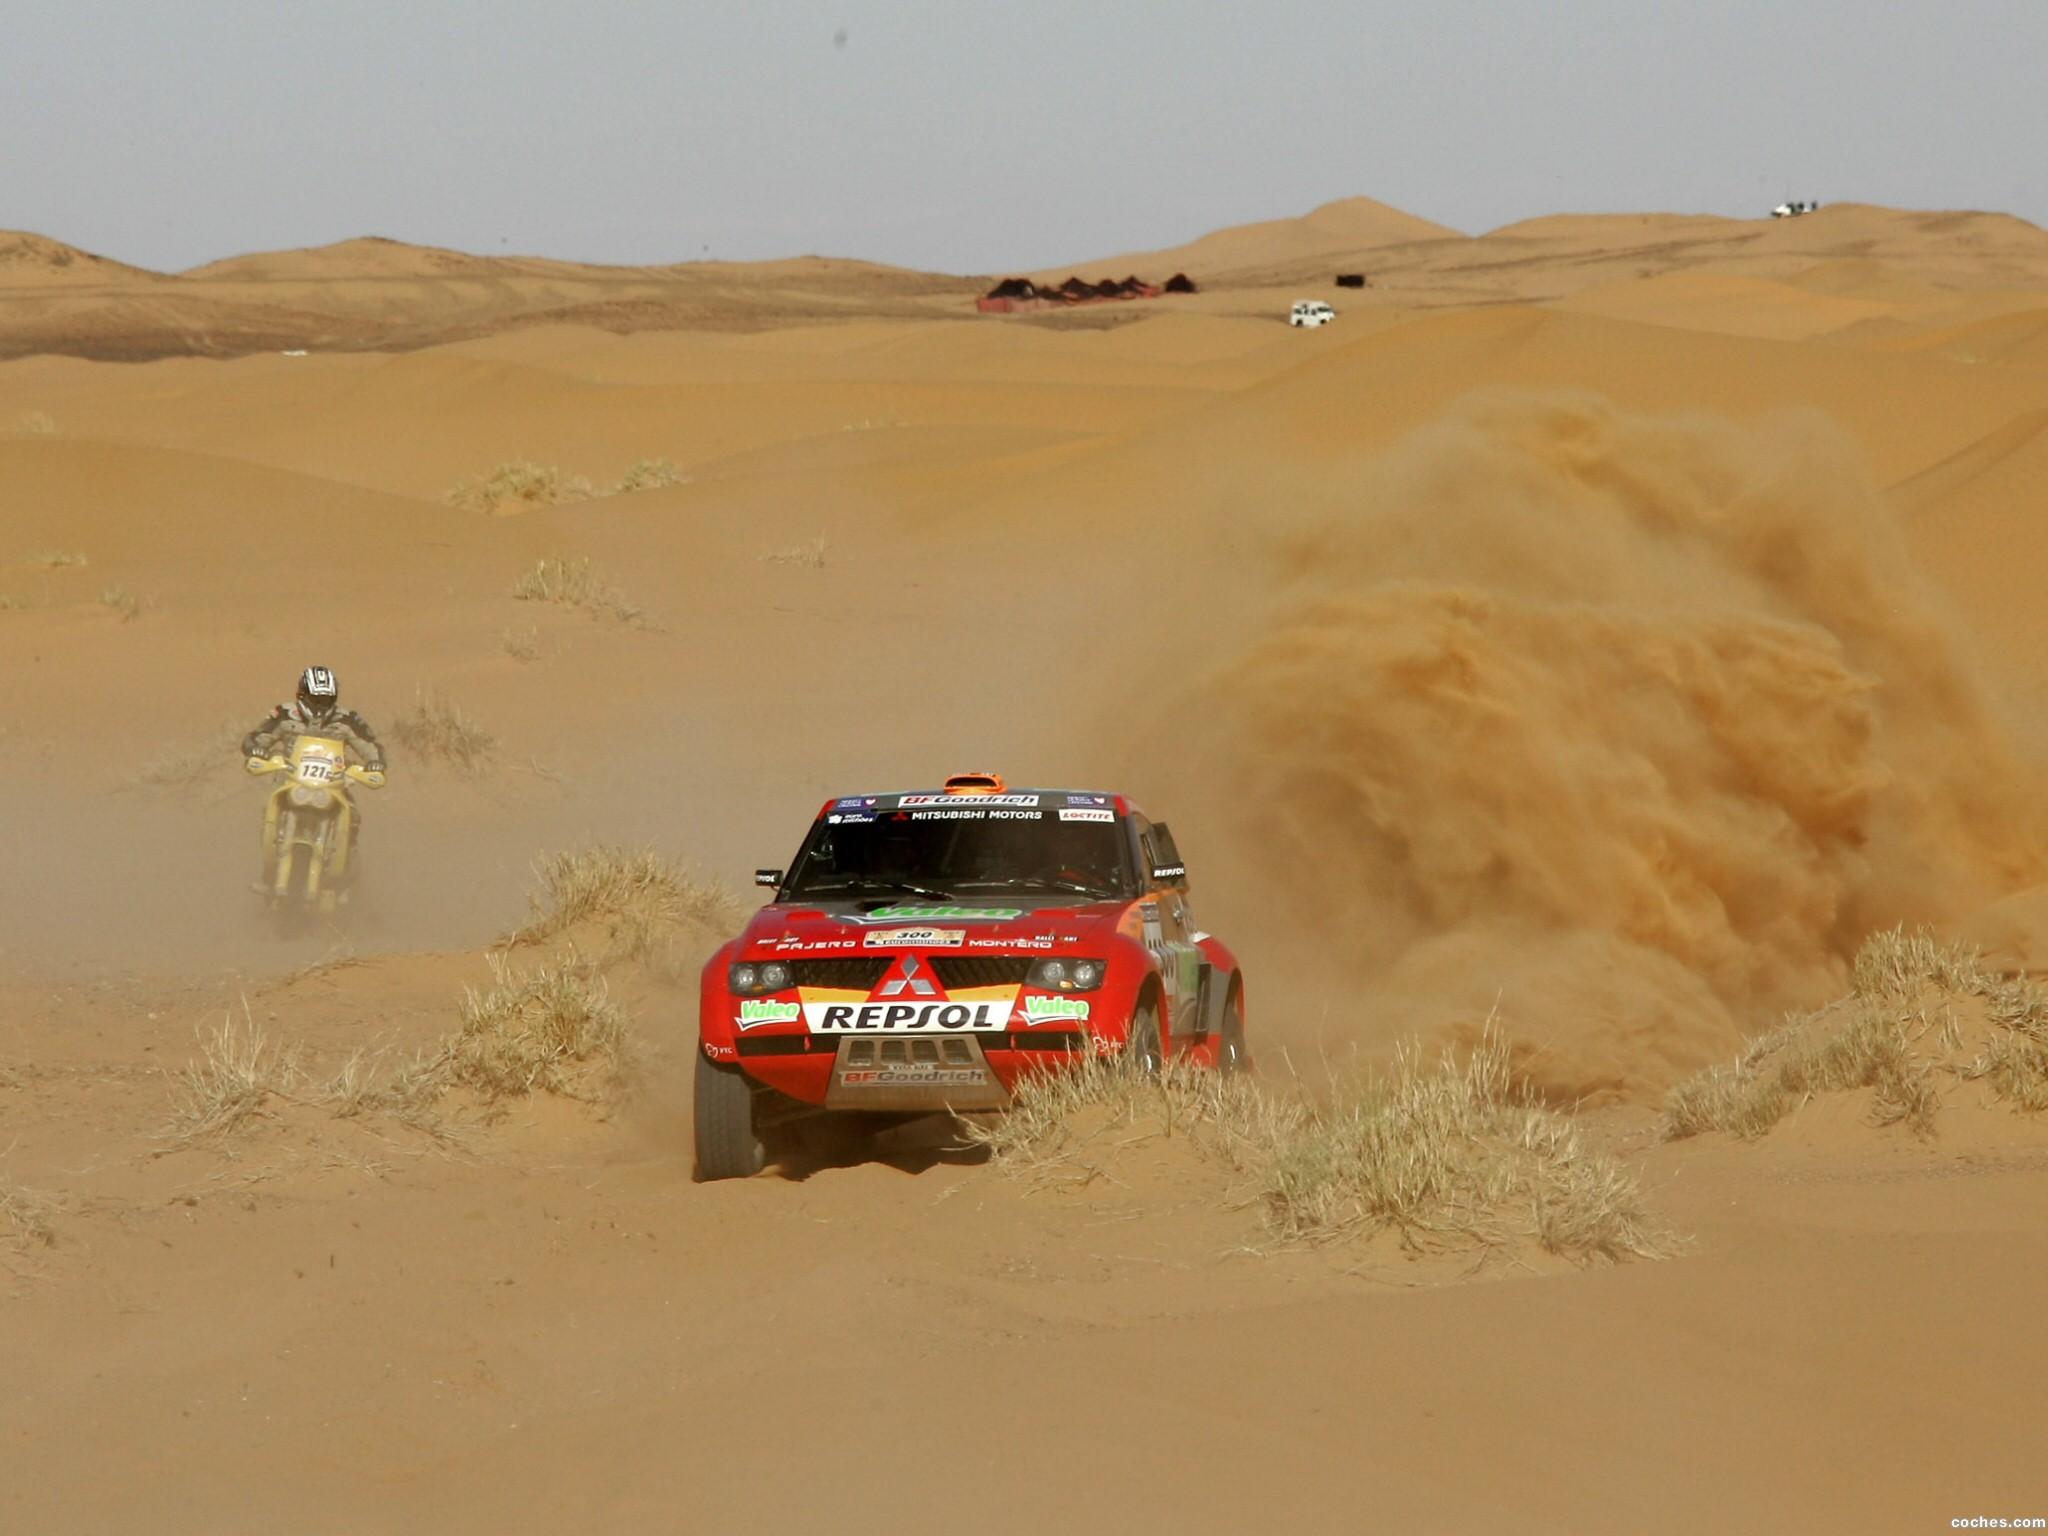 Foto 4 de Mitsubishi Pajero Dakar 2006